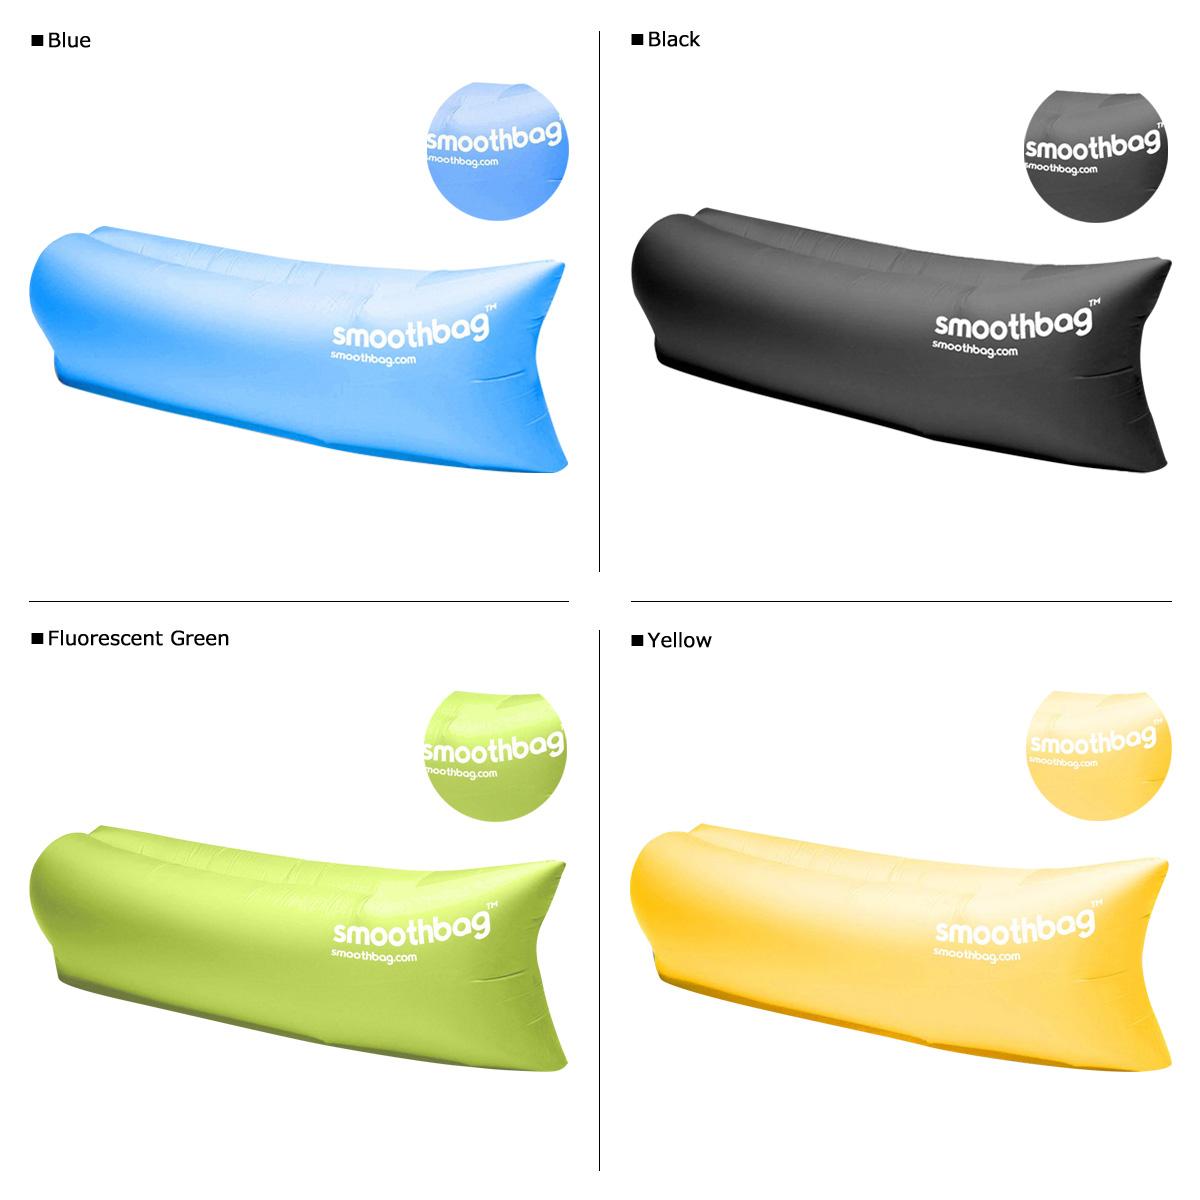 smoothbag 光滑袋海滩沙发年沙发空气垫便携式户外便携式充气懒洋洋的沙发 [9/21 添加在股票]